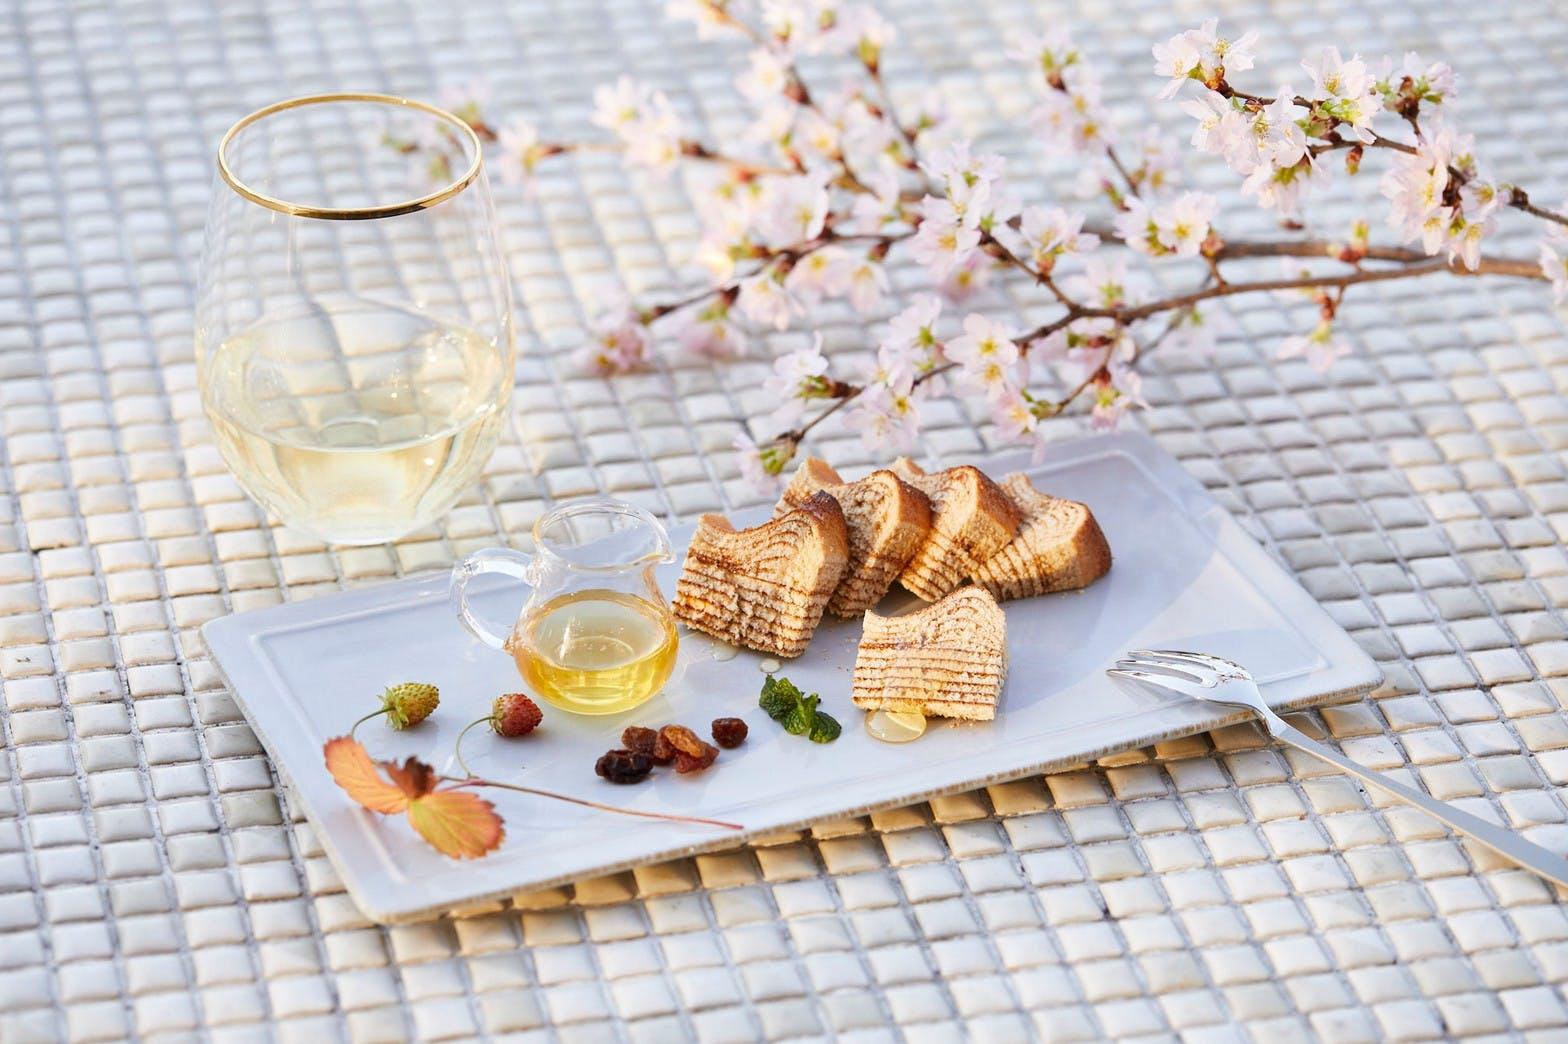 花香るバームクーヘンの画像